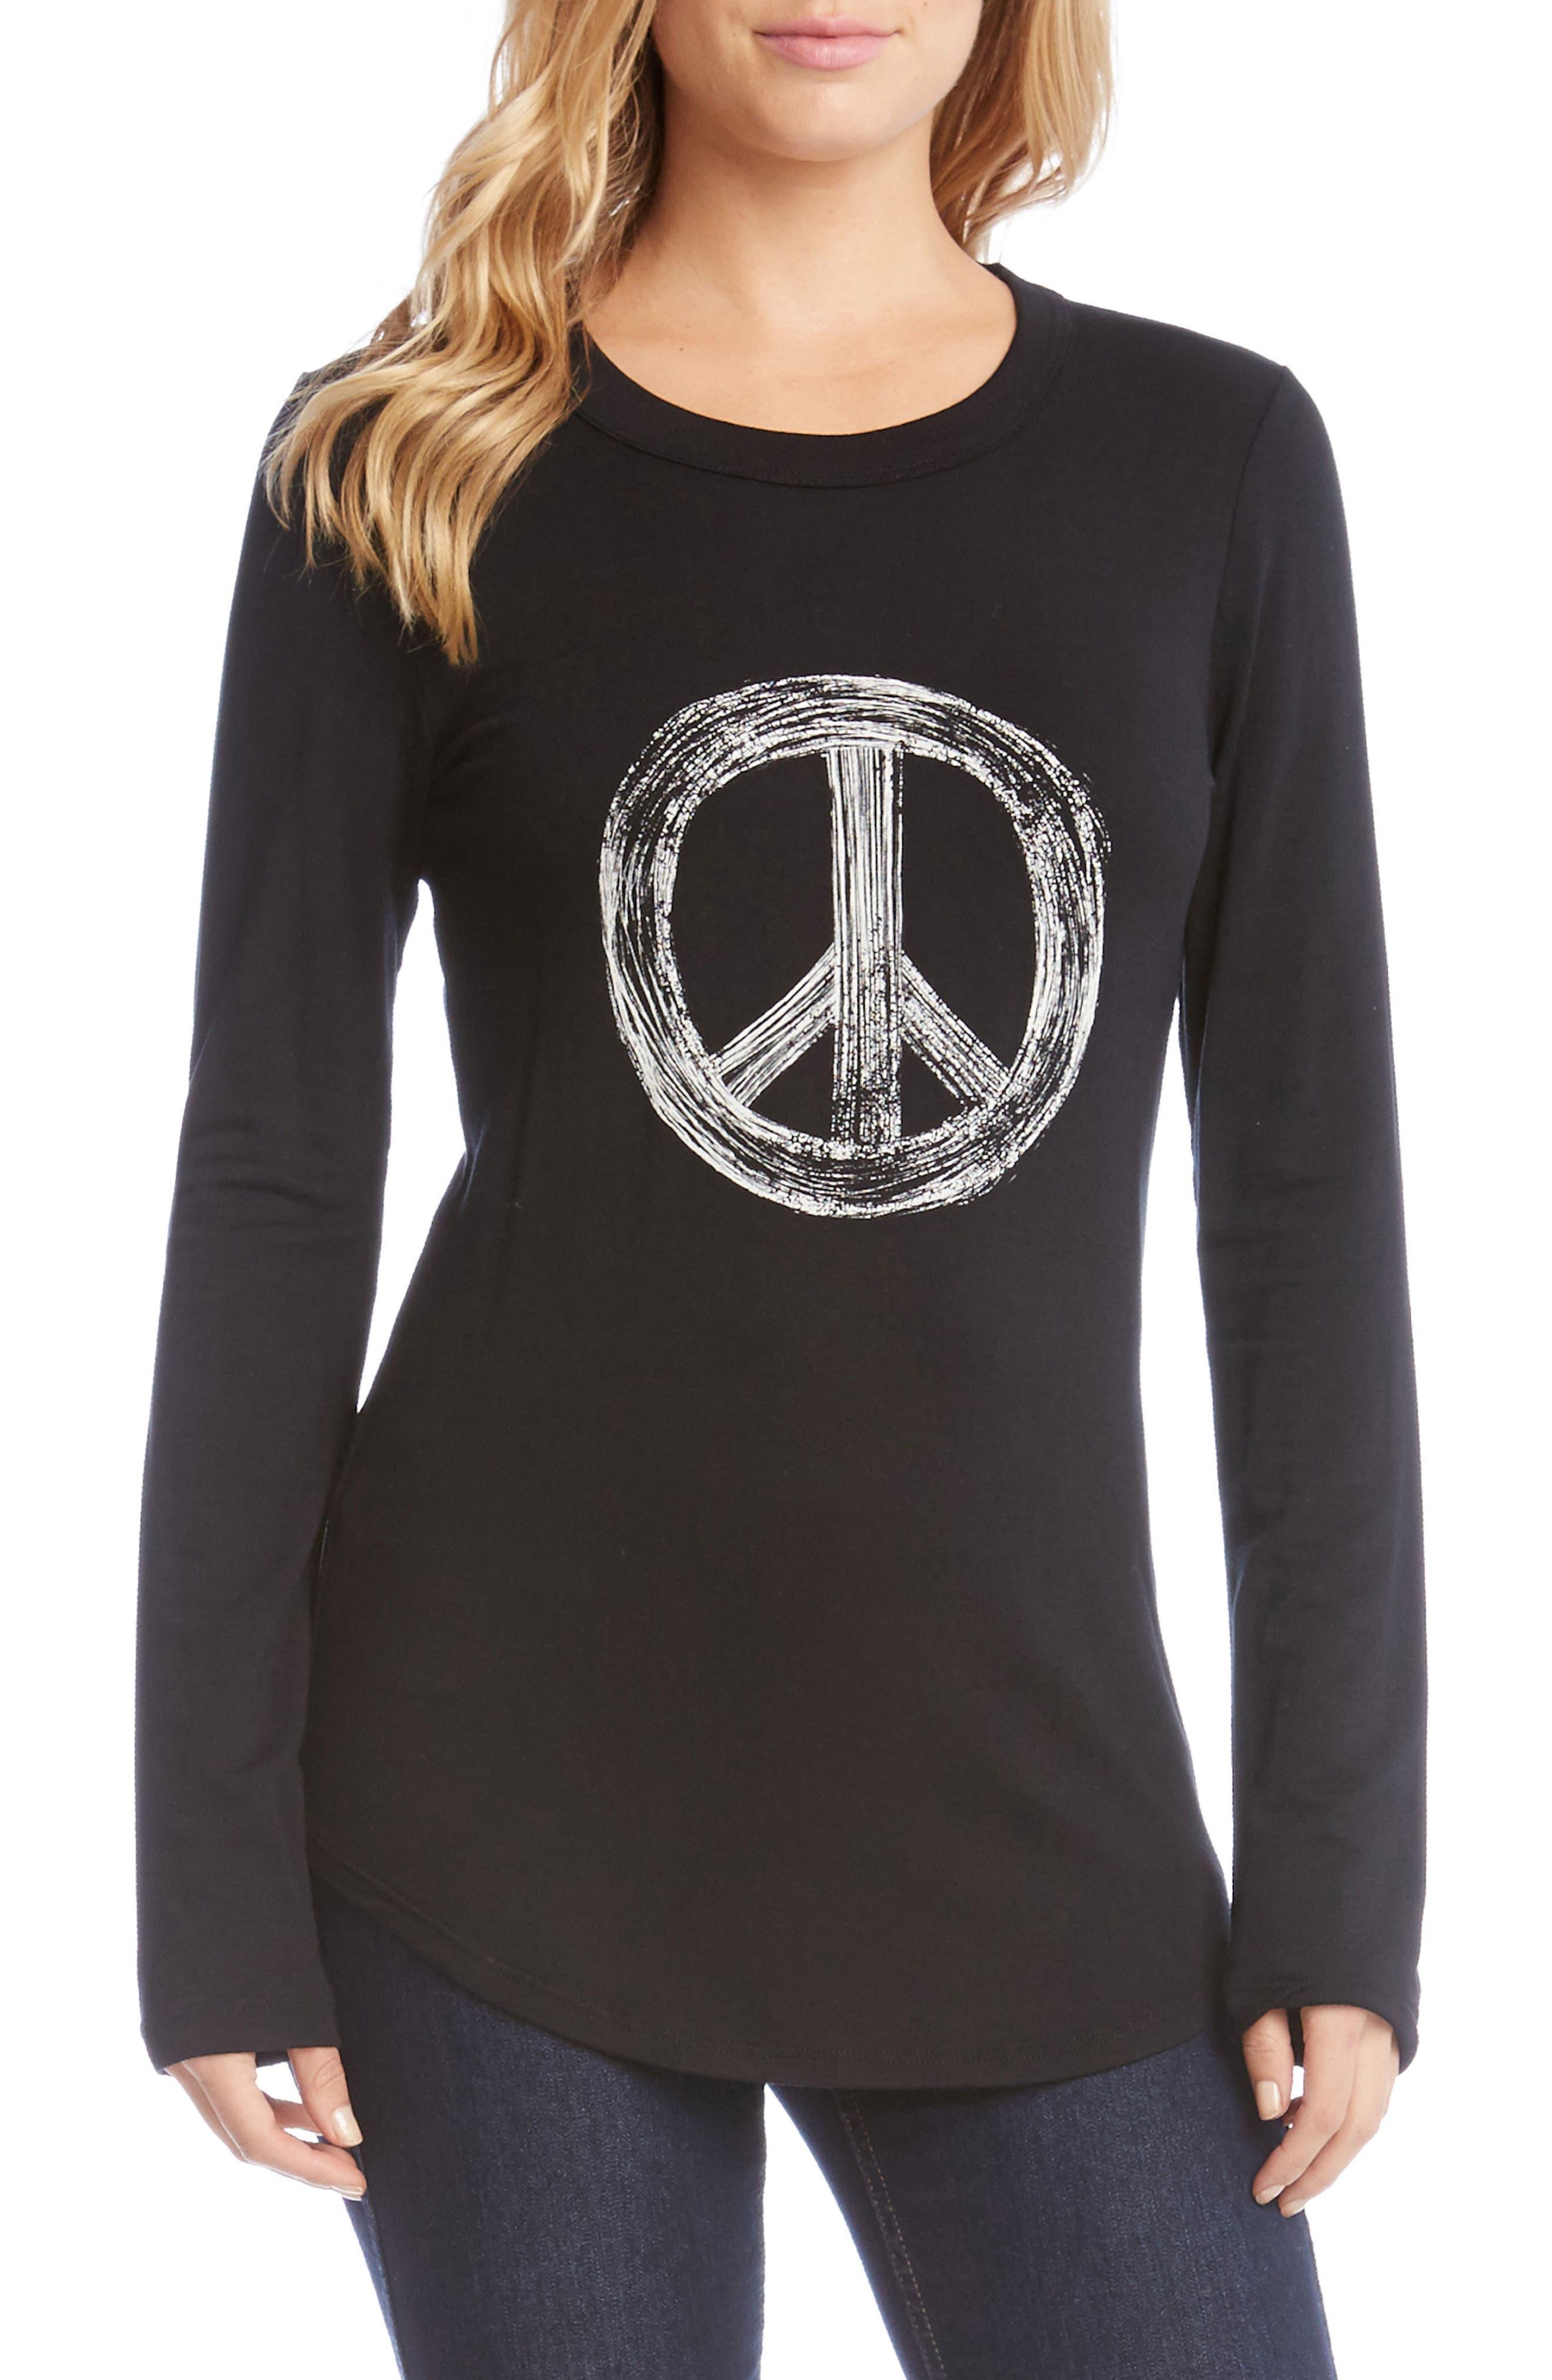 Alternate Image 1 Selected - Karen Kane World Peace Tee